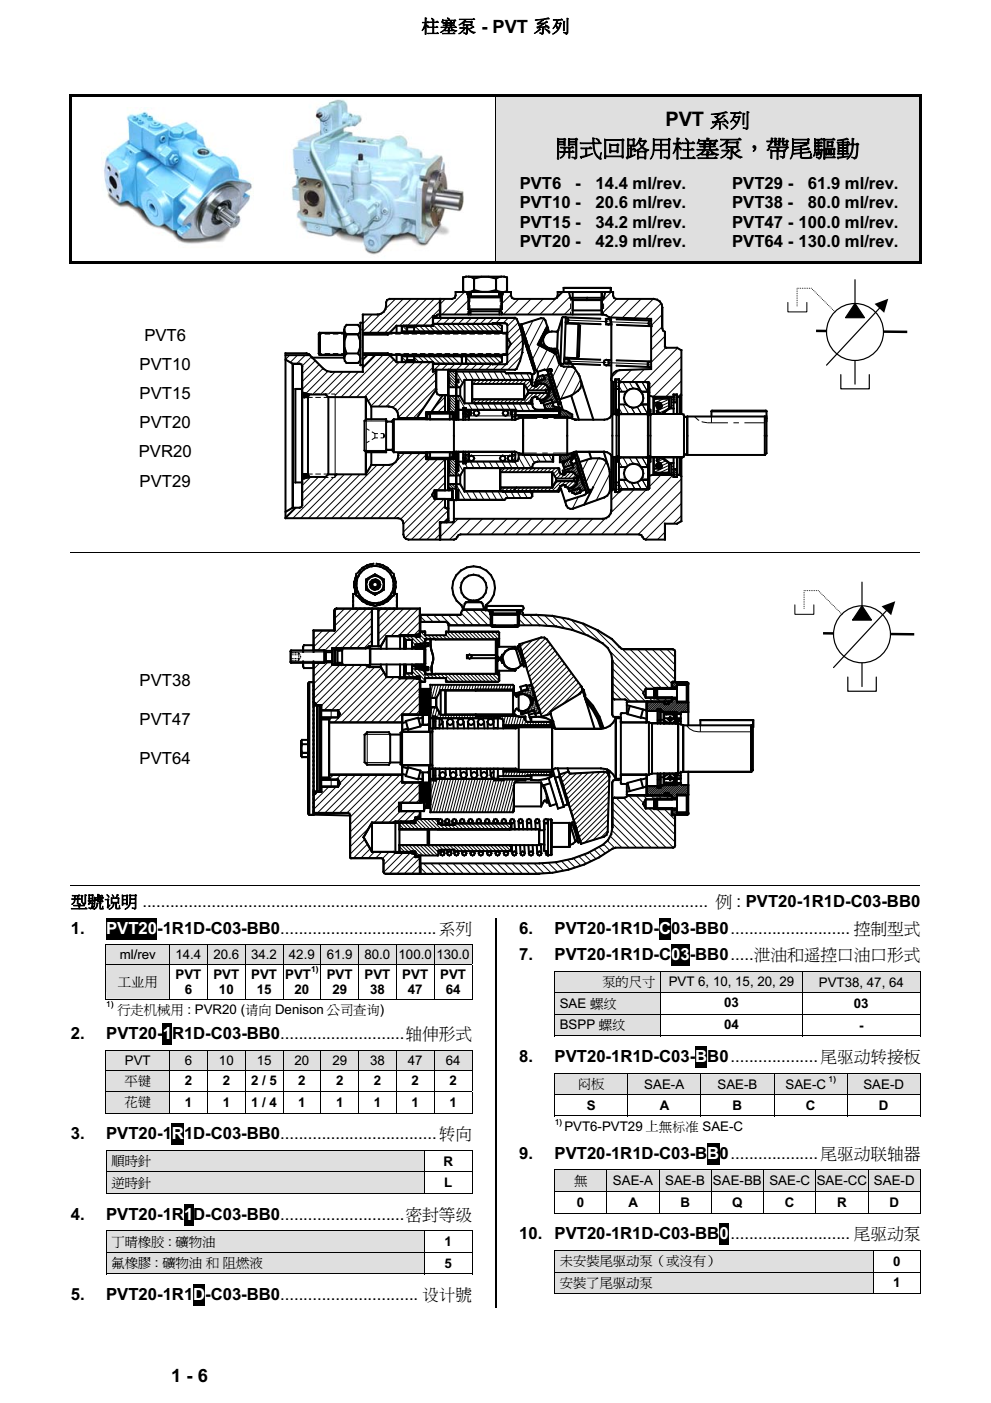 丹尼逊PVT系列柱塞泵概述